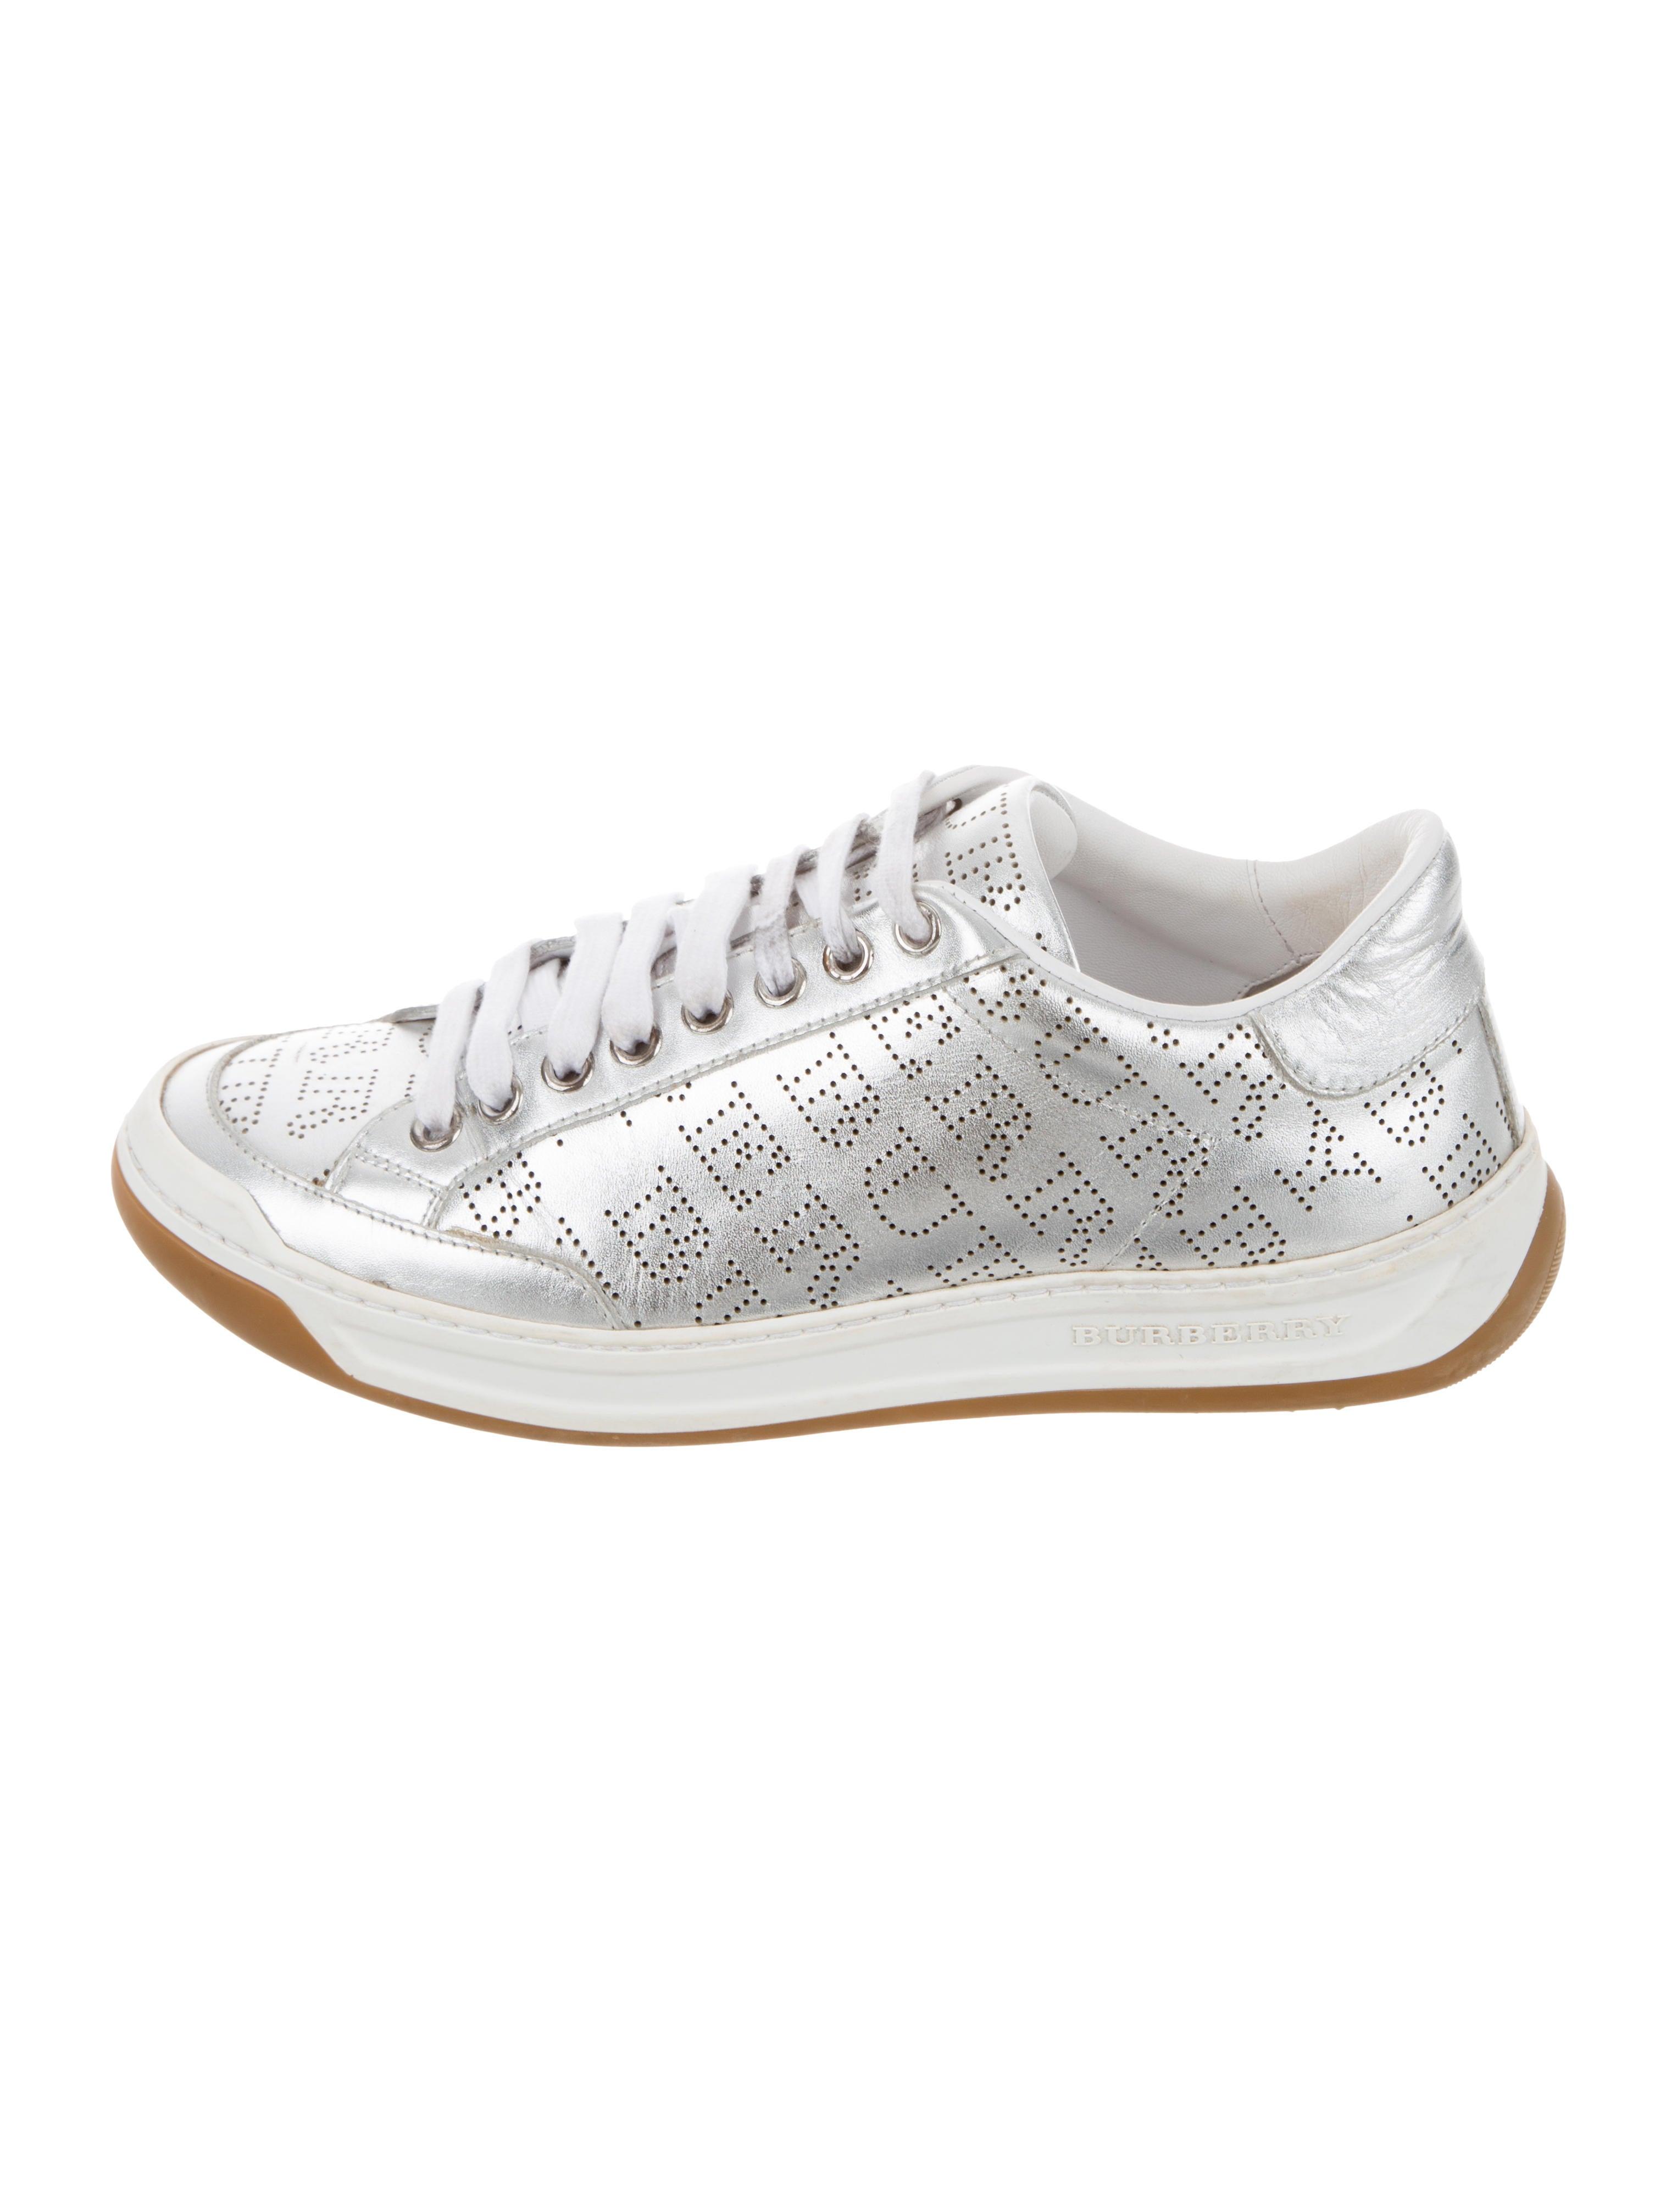 d43f7eadd26c Sneakers